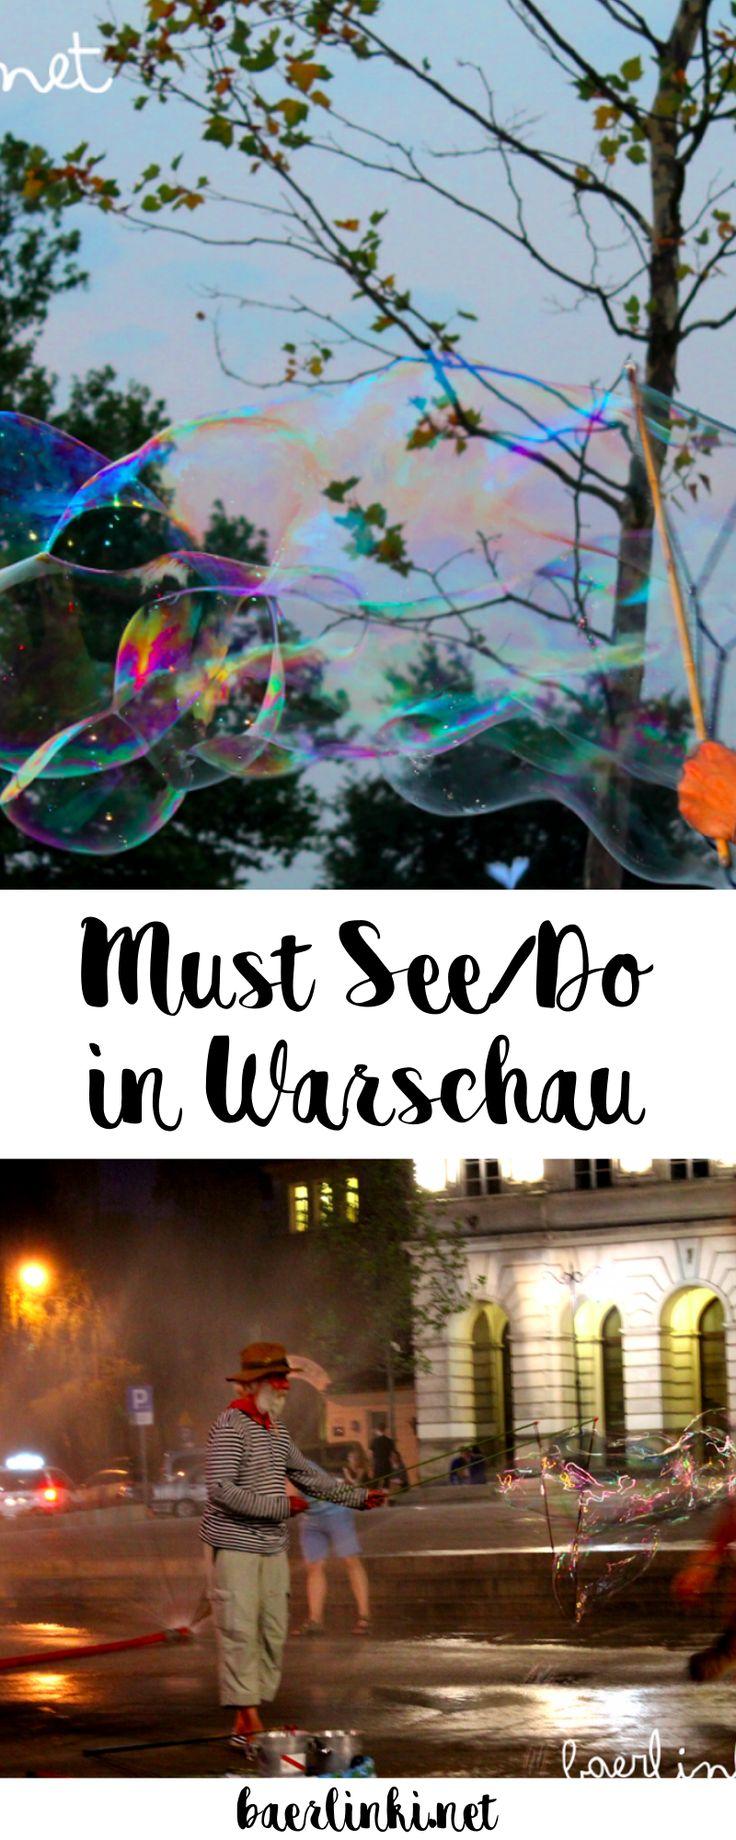 So besiegt man Hitze in Warschau: Die Stadt stellt öffentliche Sprinkler auf, Seifenblasentherapeuten machen kleine Kinder glücklich und farbenfrohe Fontänen bezaubern die Stadt ...